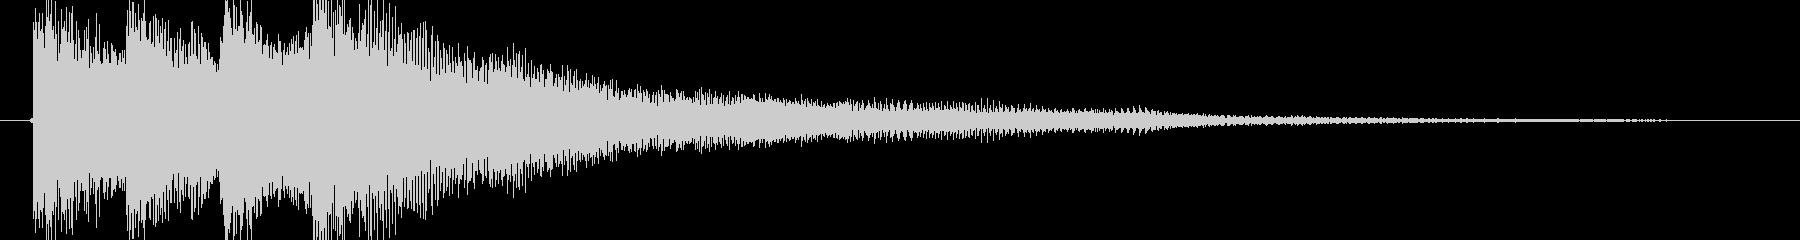 明るい  ギター ポップの未再生の波形